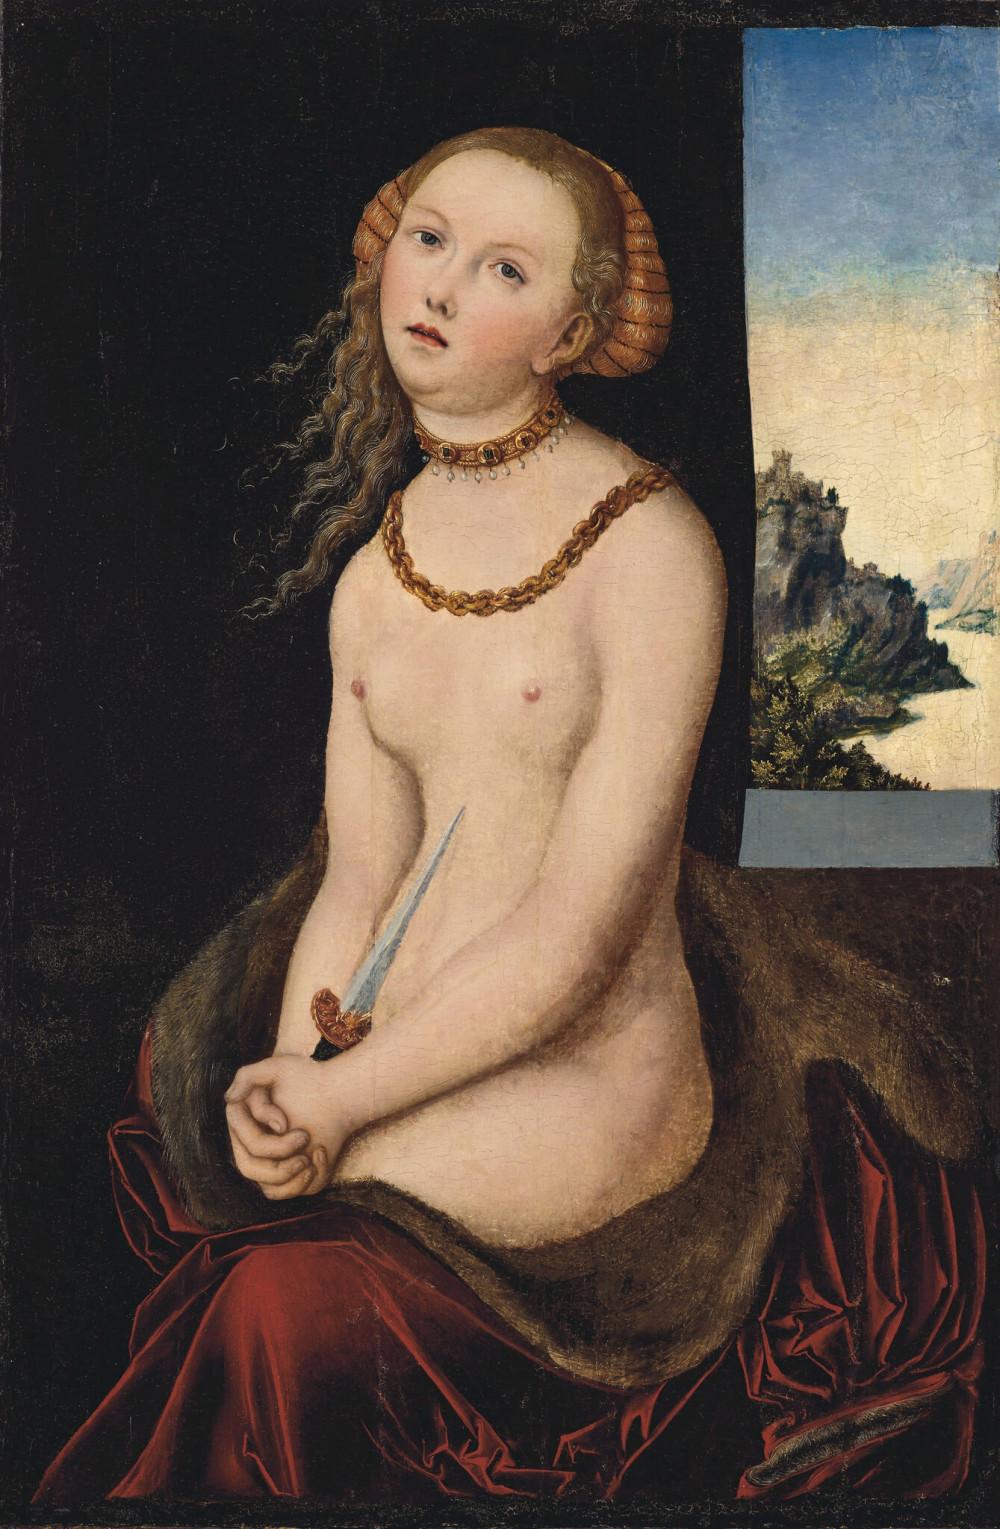 Tranh của họa sĩ thời phục hưng Lucas Cranach cũng nằng trong danh sách 12 tác phẩm được bán đấu giá